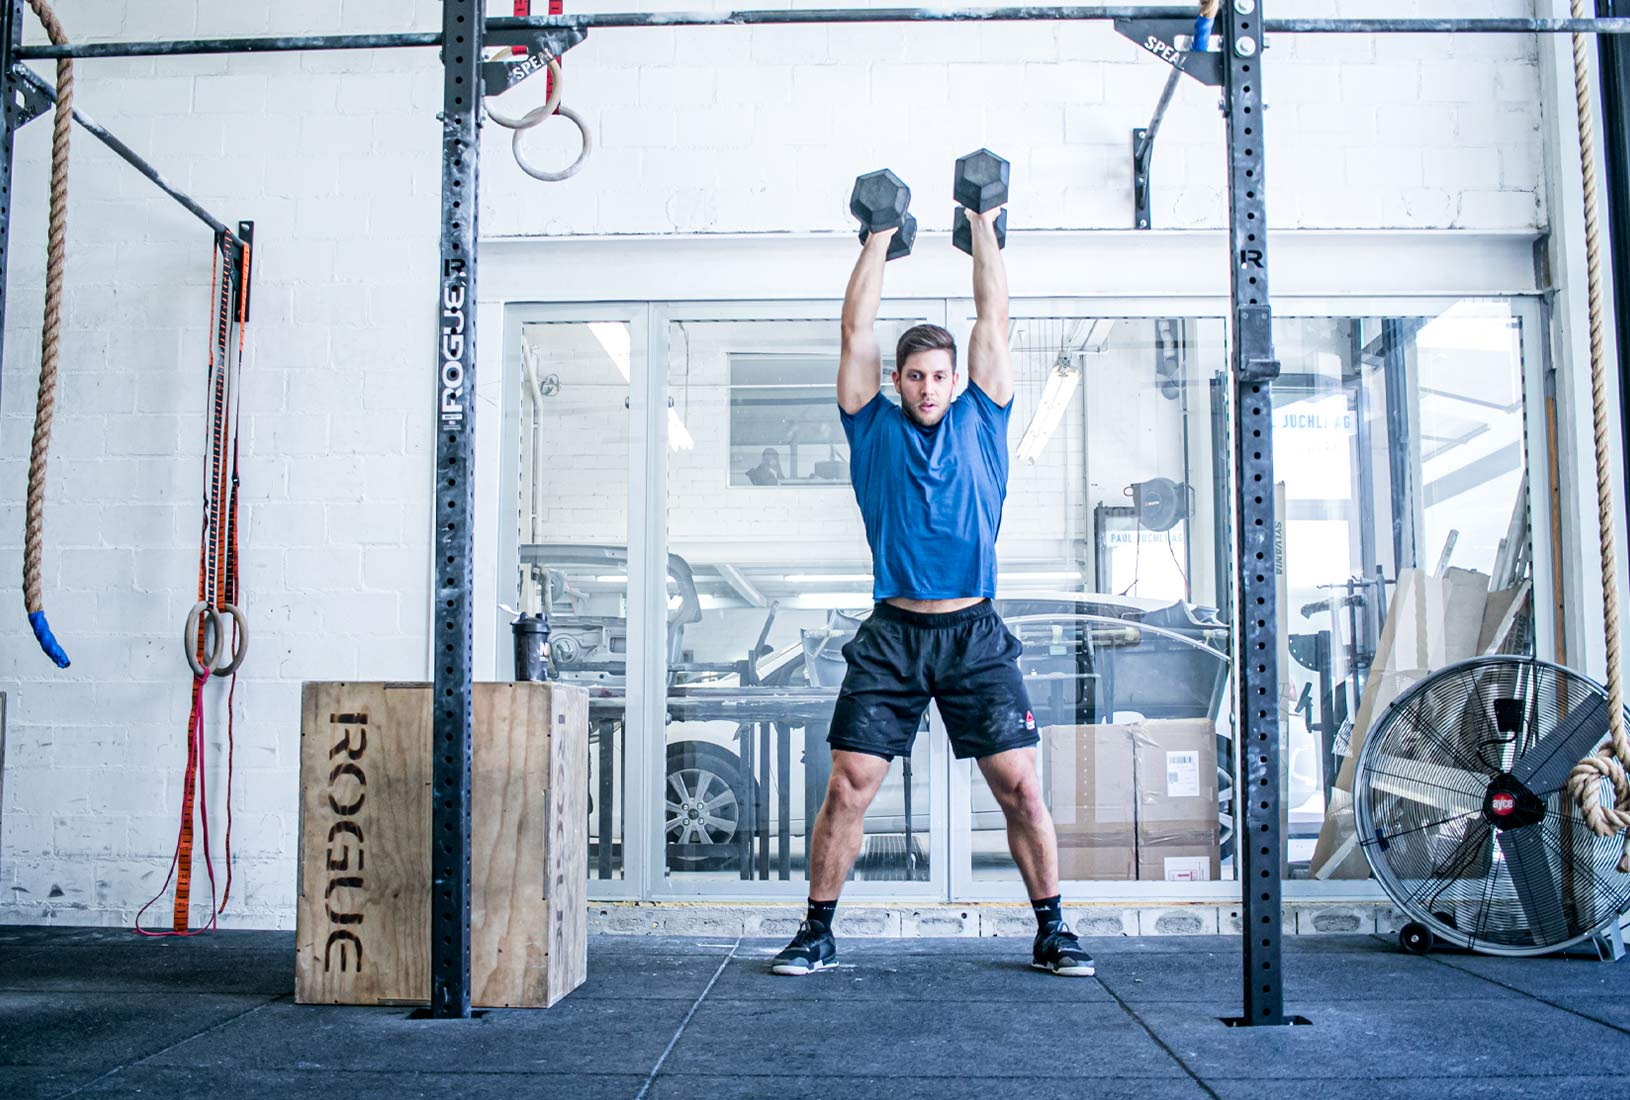 Wieviel Protein brauche ich nach dem Training für maximalen Muskelaufbau? 8